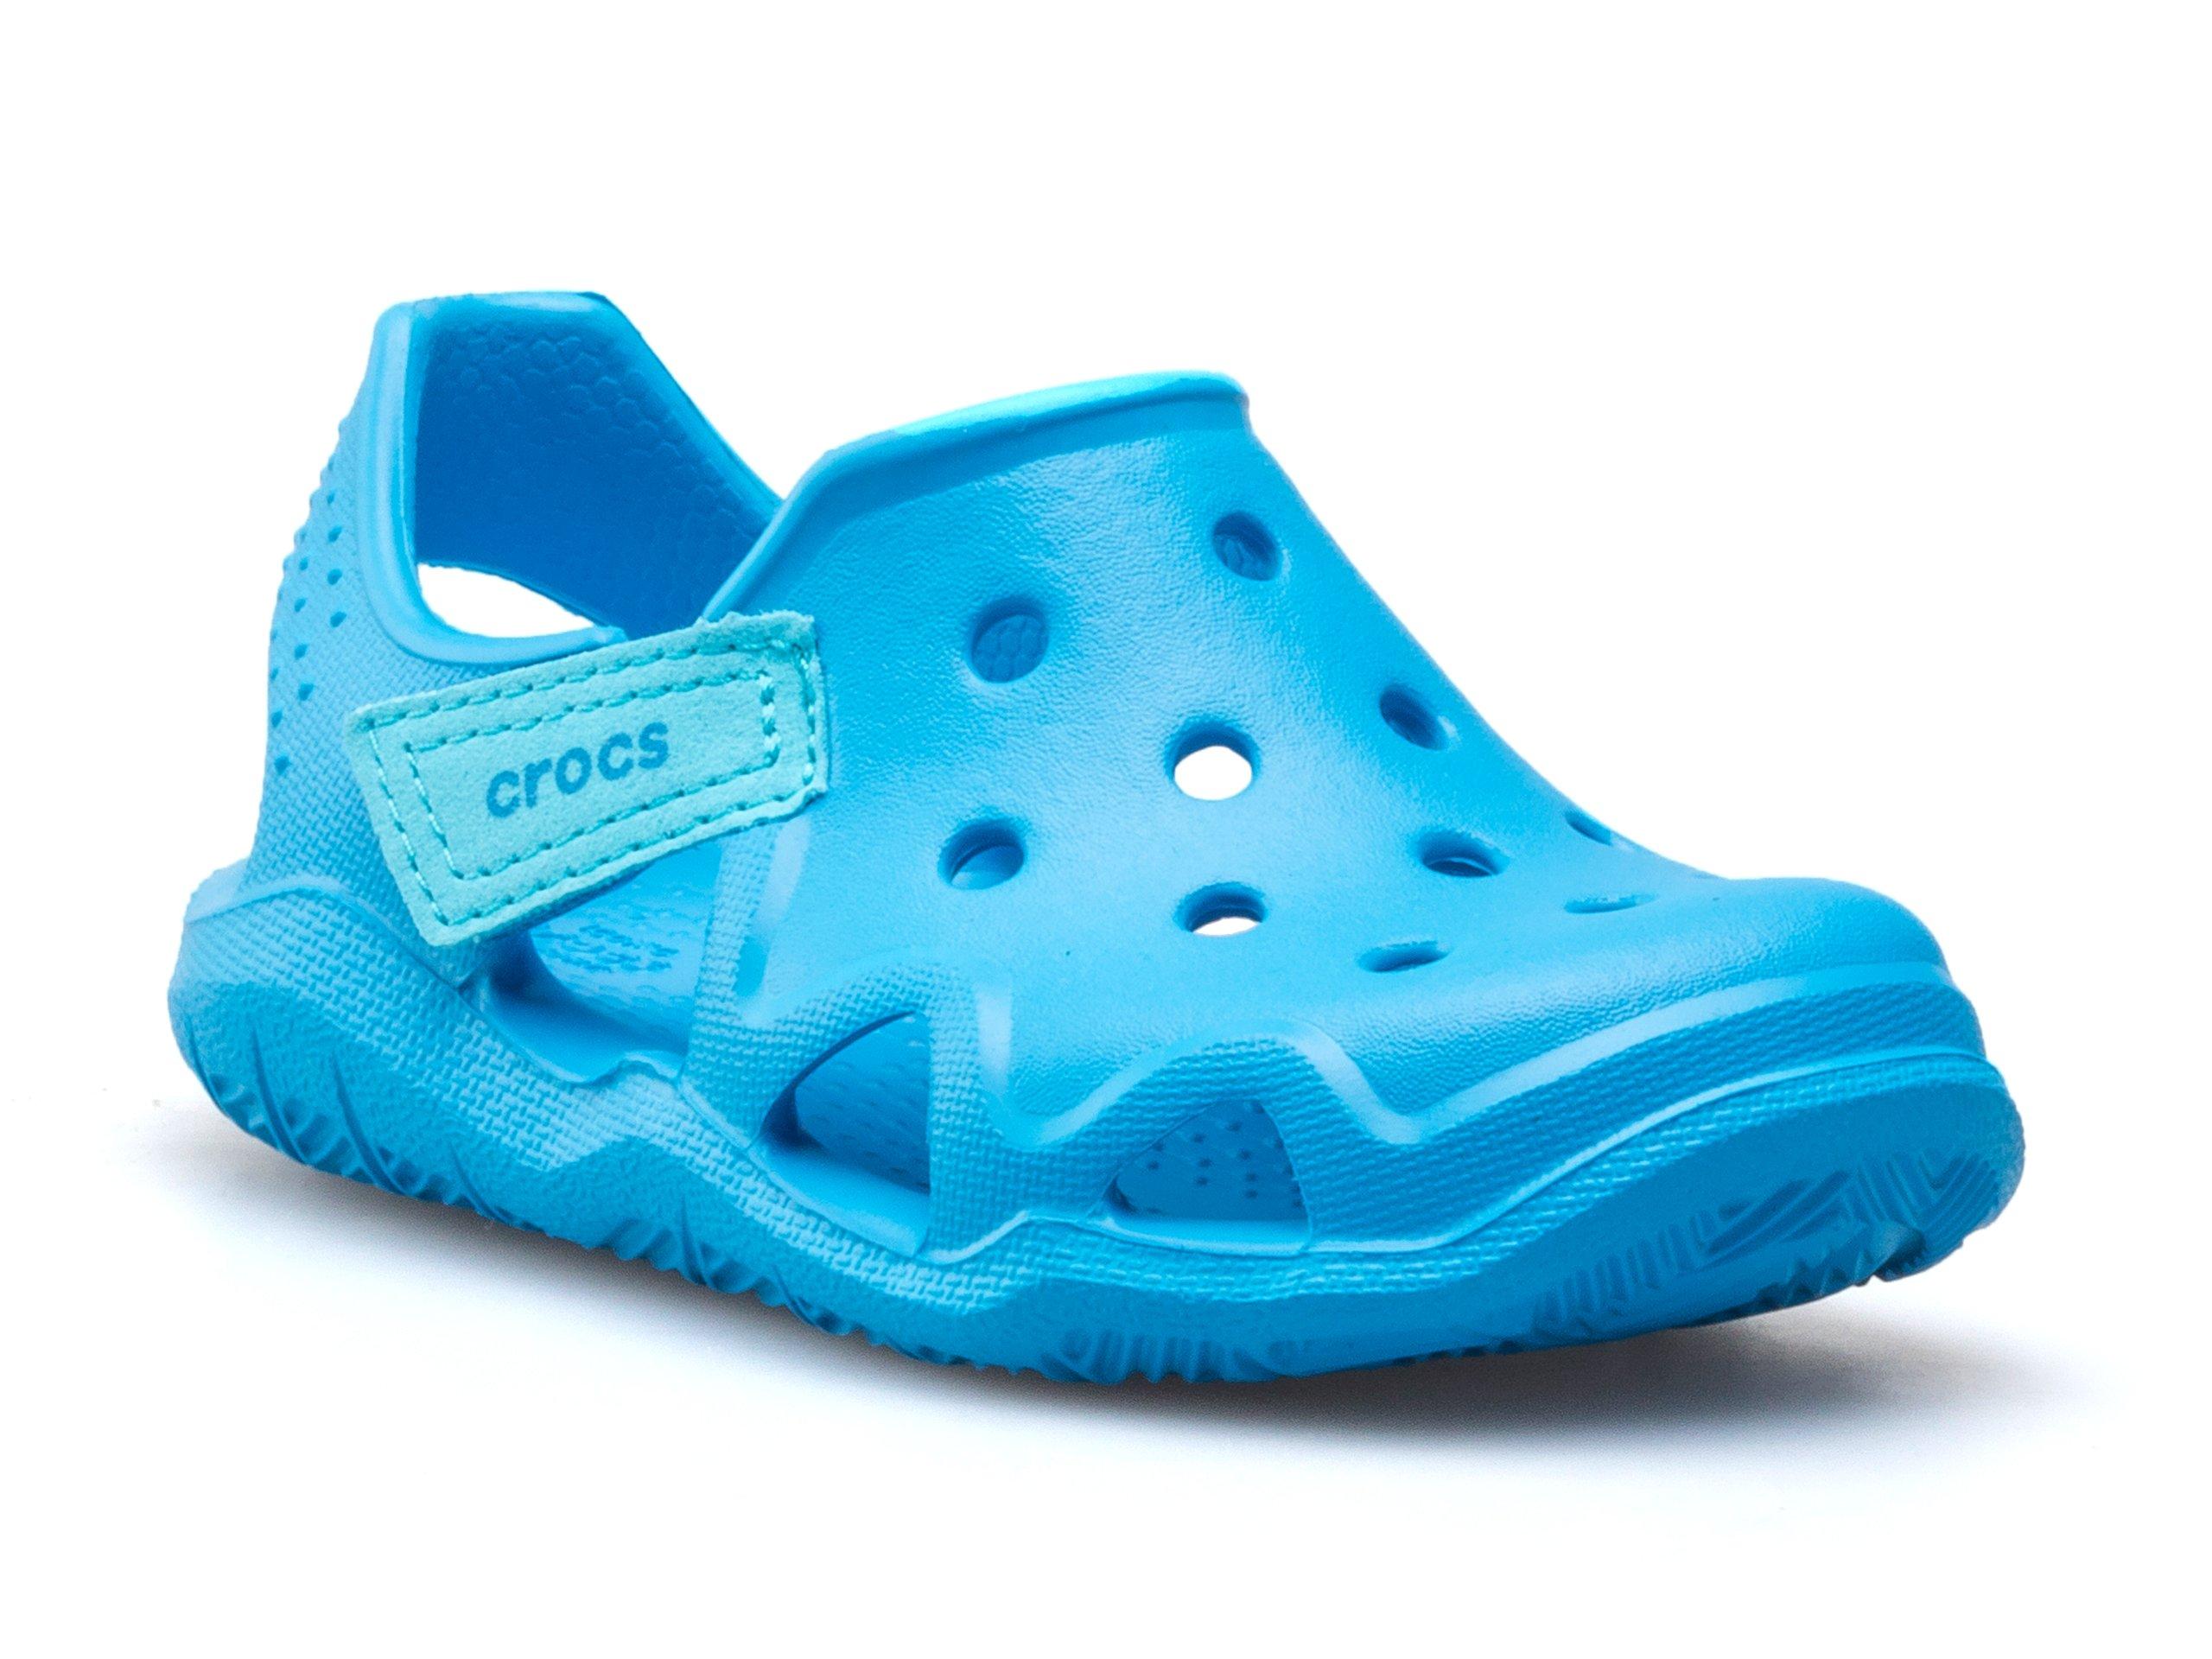 Sandały Crocs Swiftwater Wave 204021-456 r. 24-25